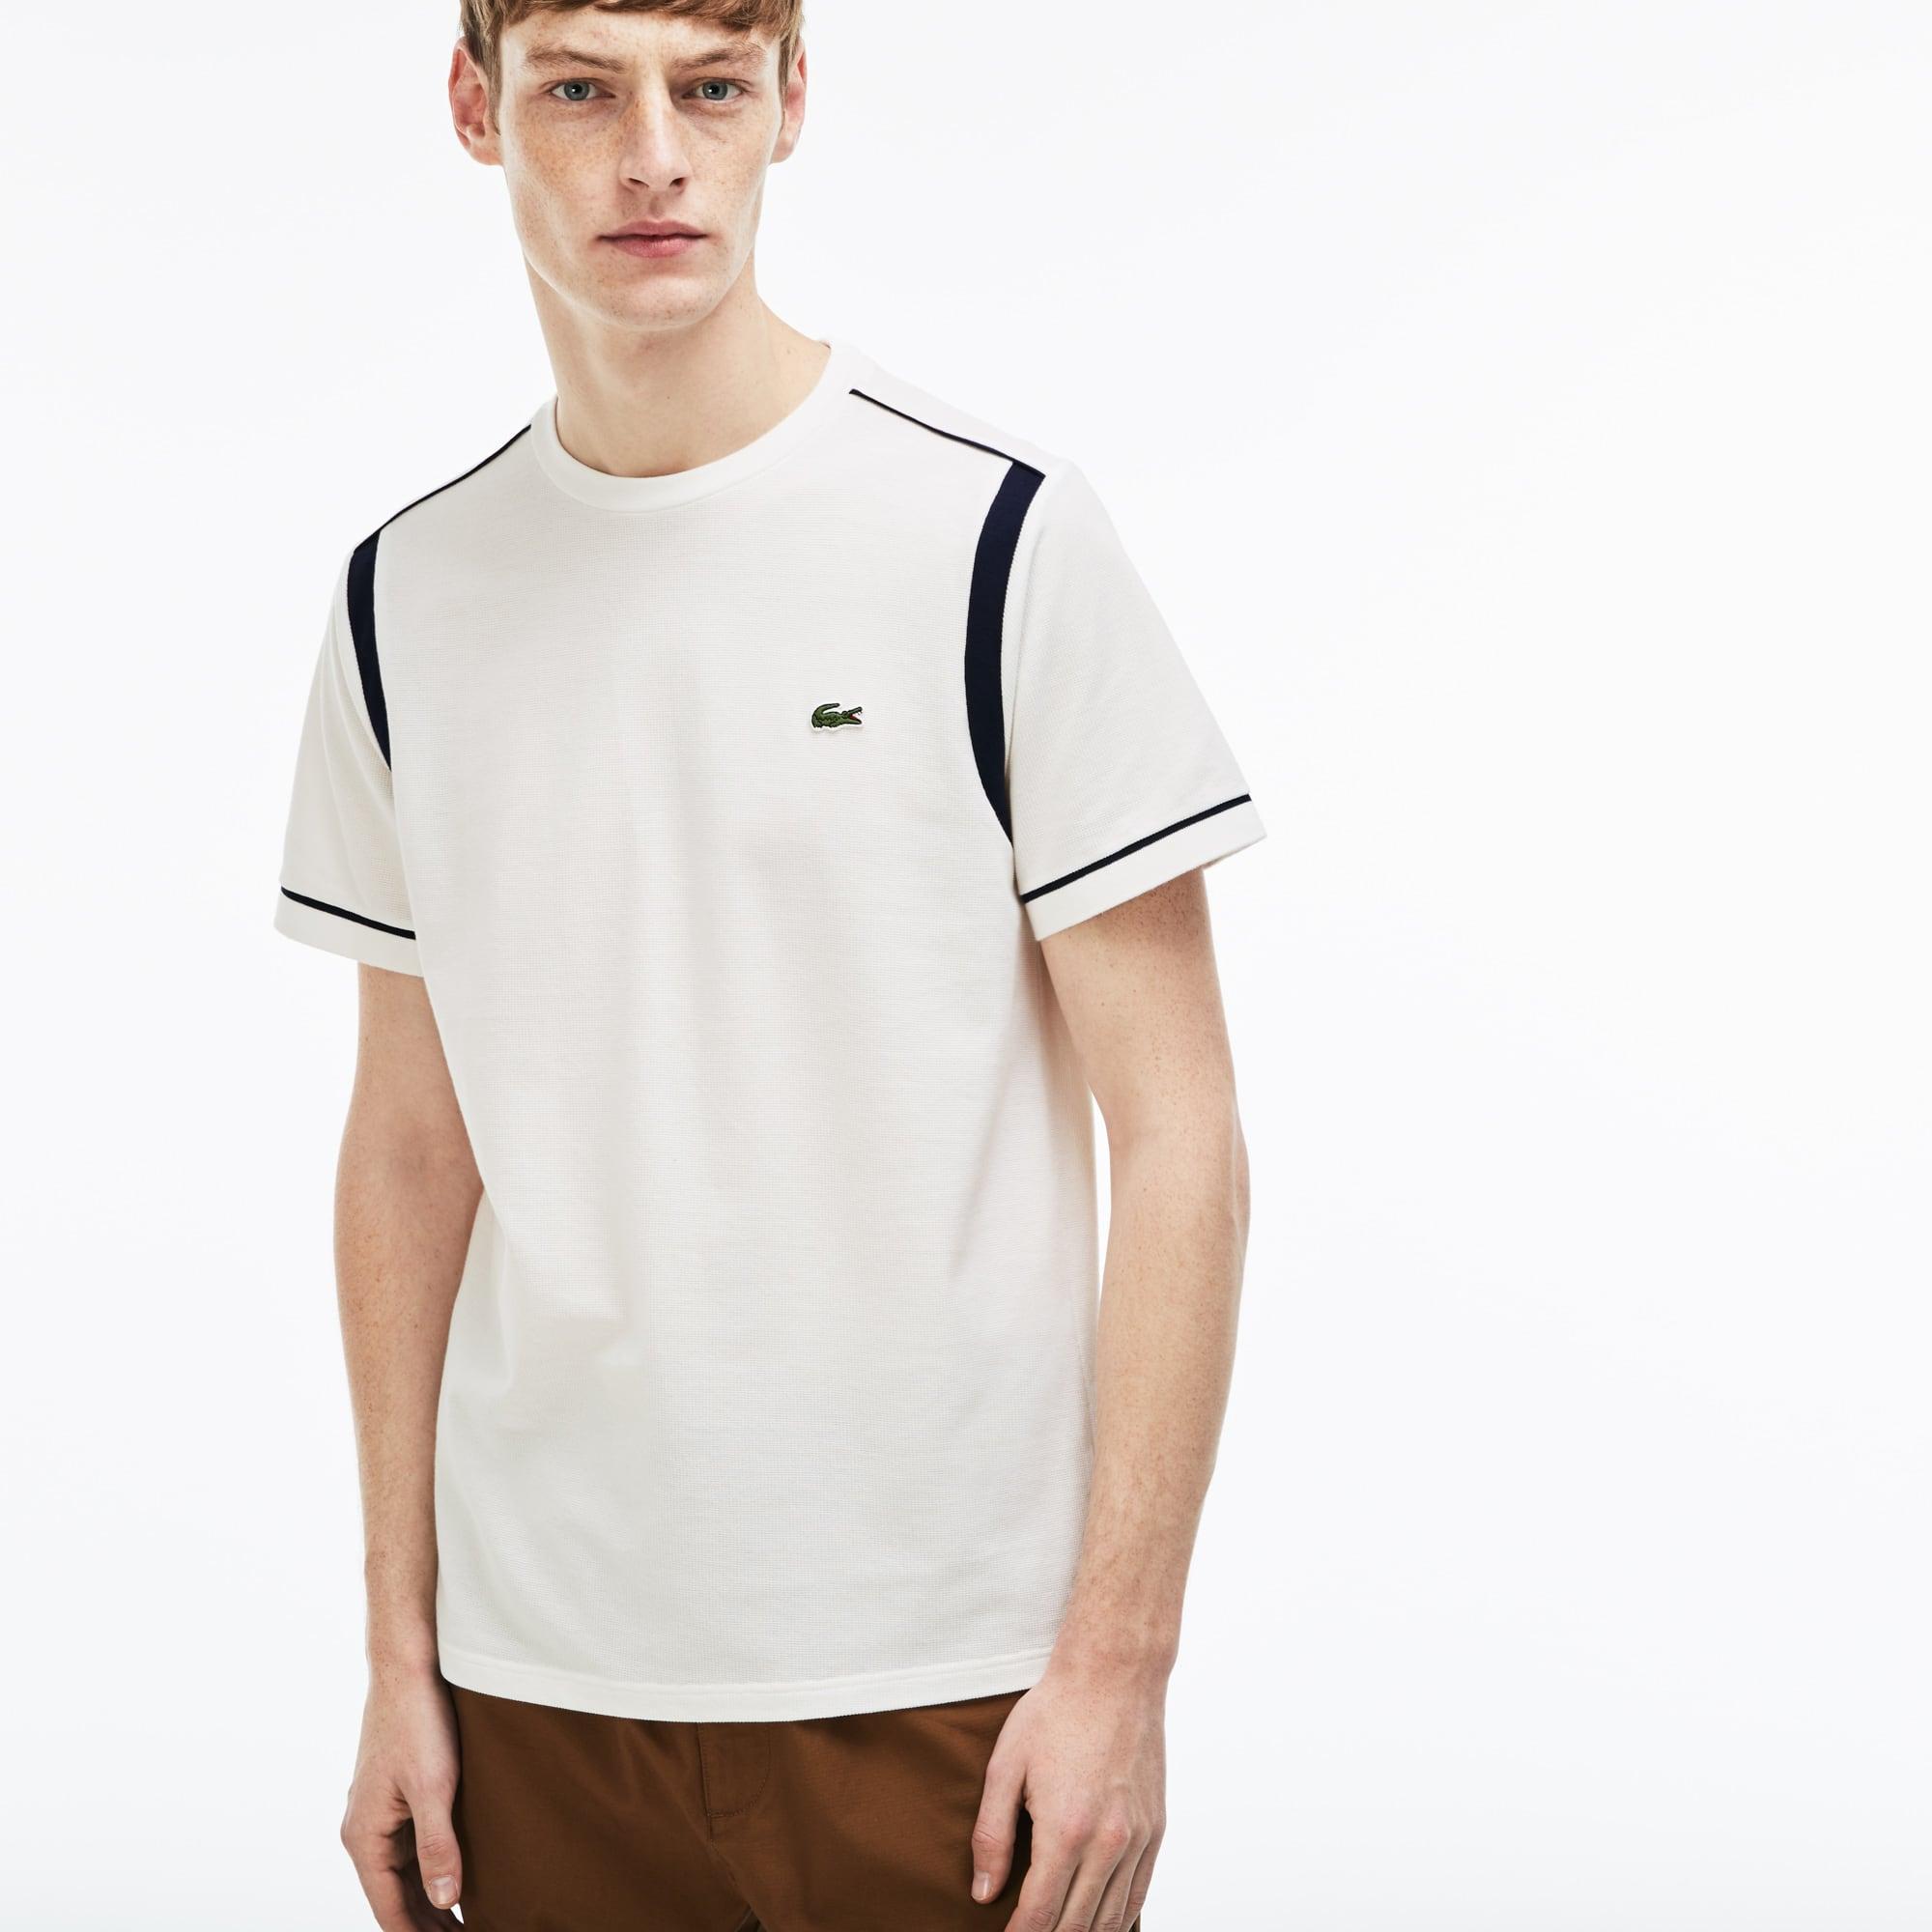 Camiseta con cuello redondo de punto cuadrado de algodón con franjas contrastantes